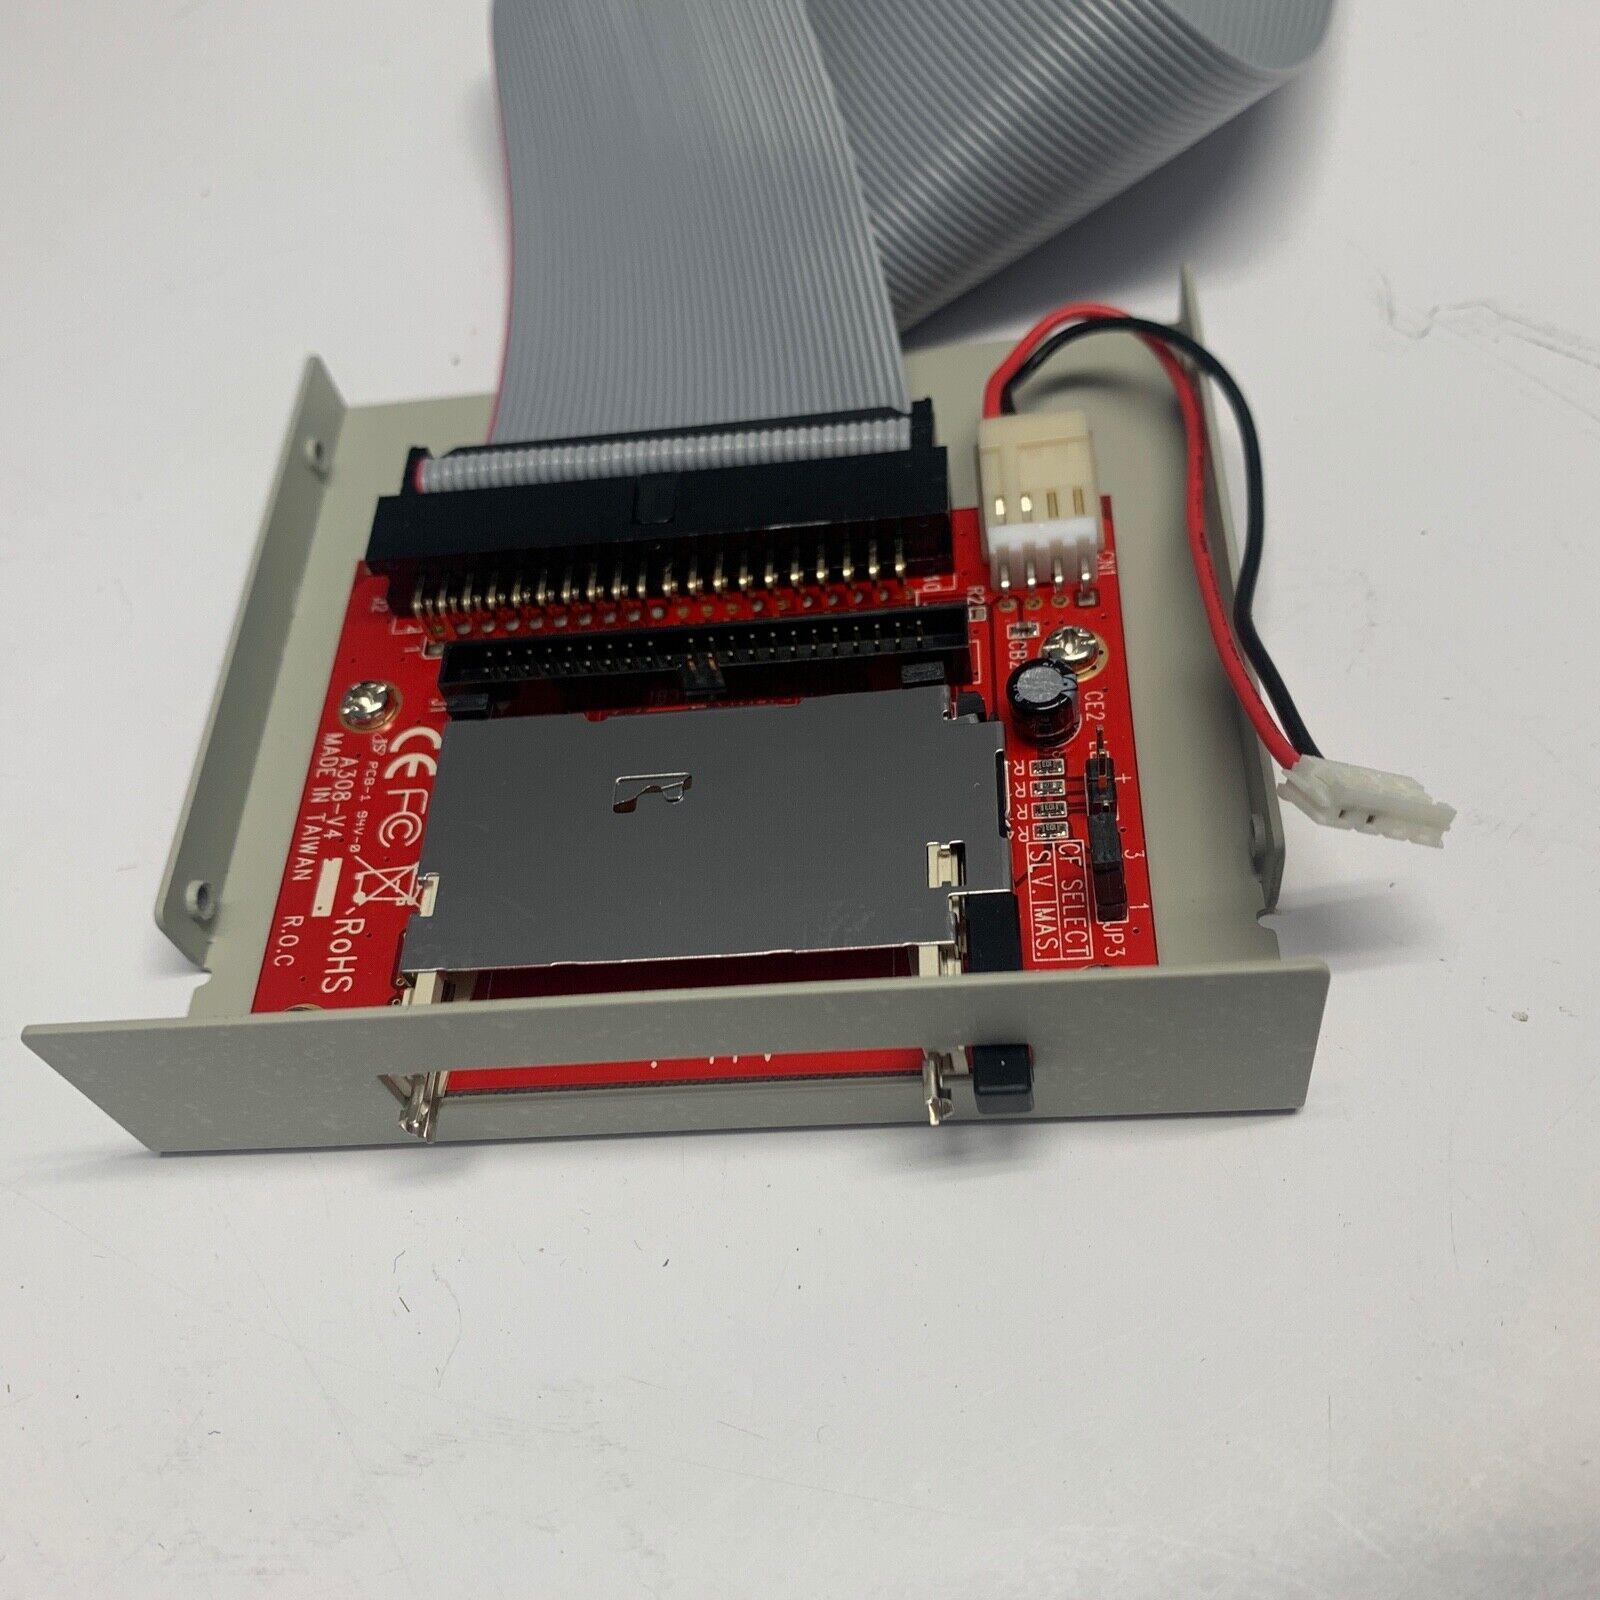 MPC 2000xl Card reader plug and play